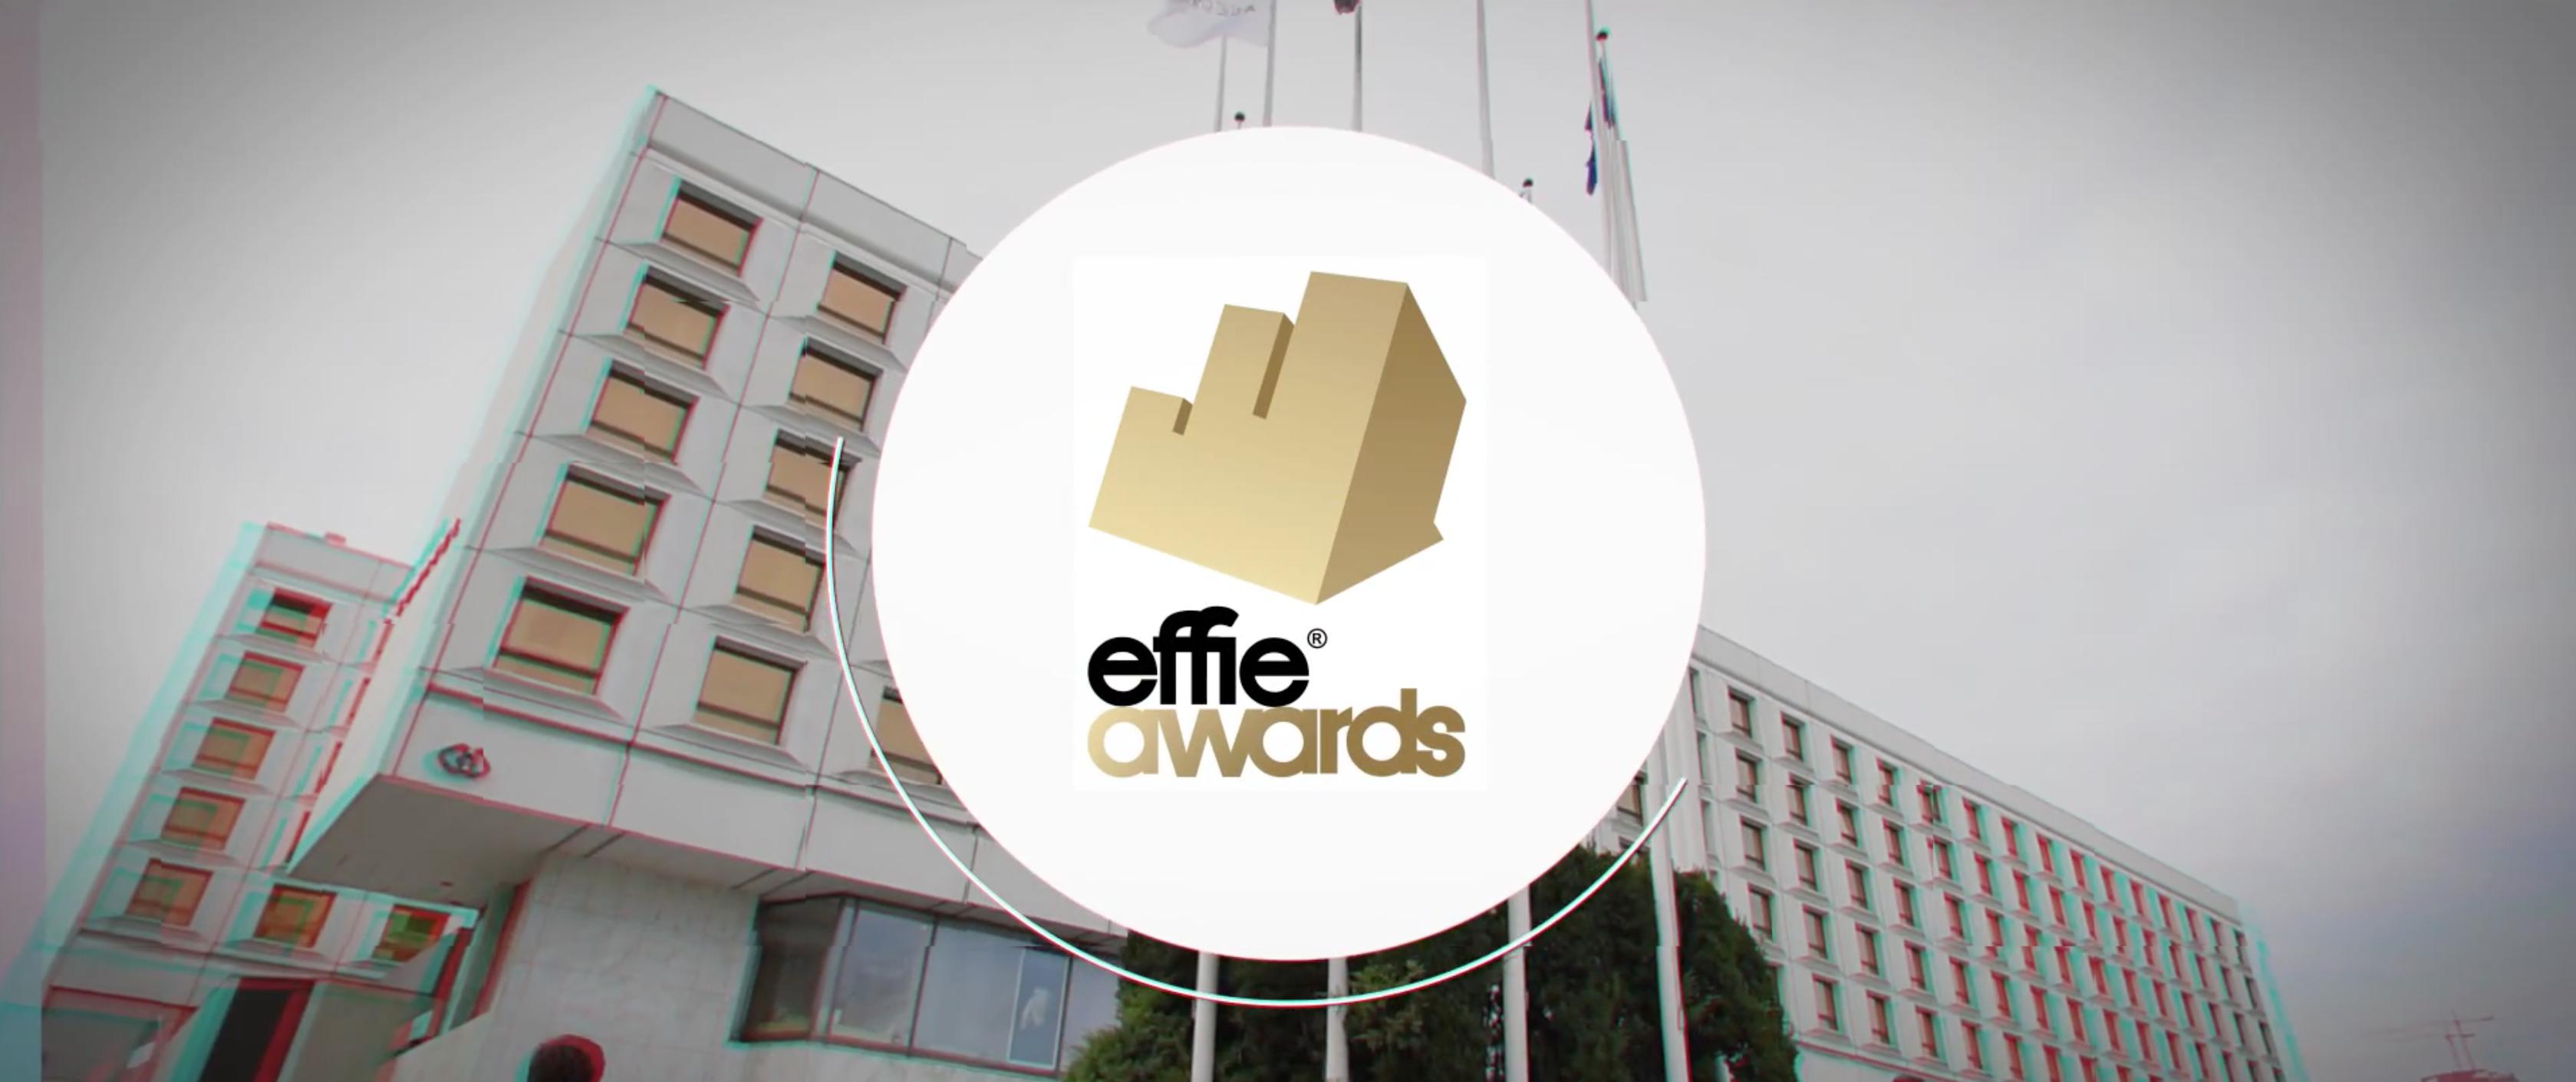 Zwycięzcy konkursu Effie Awards 2016 Play mediarun effie 1